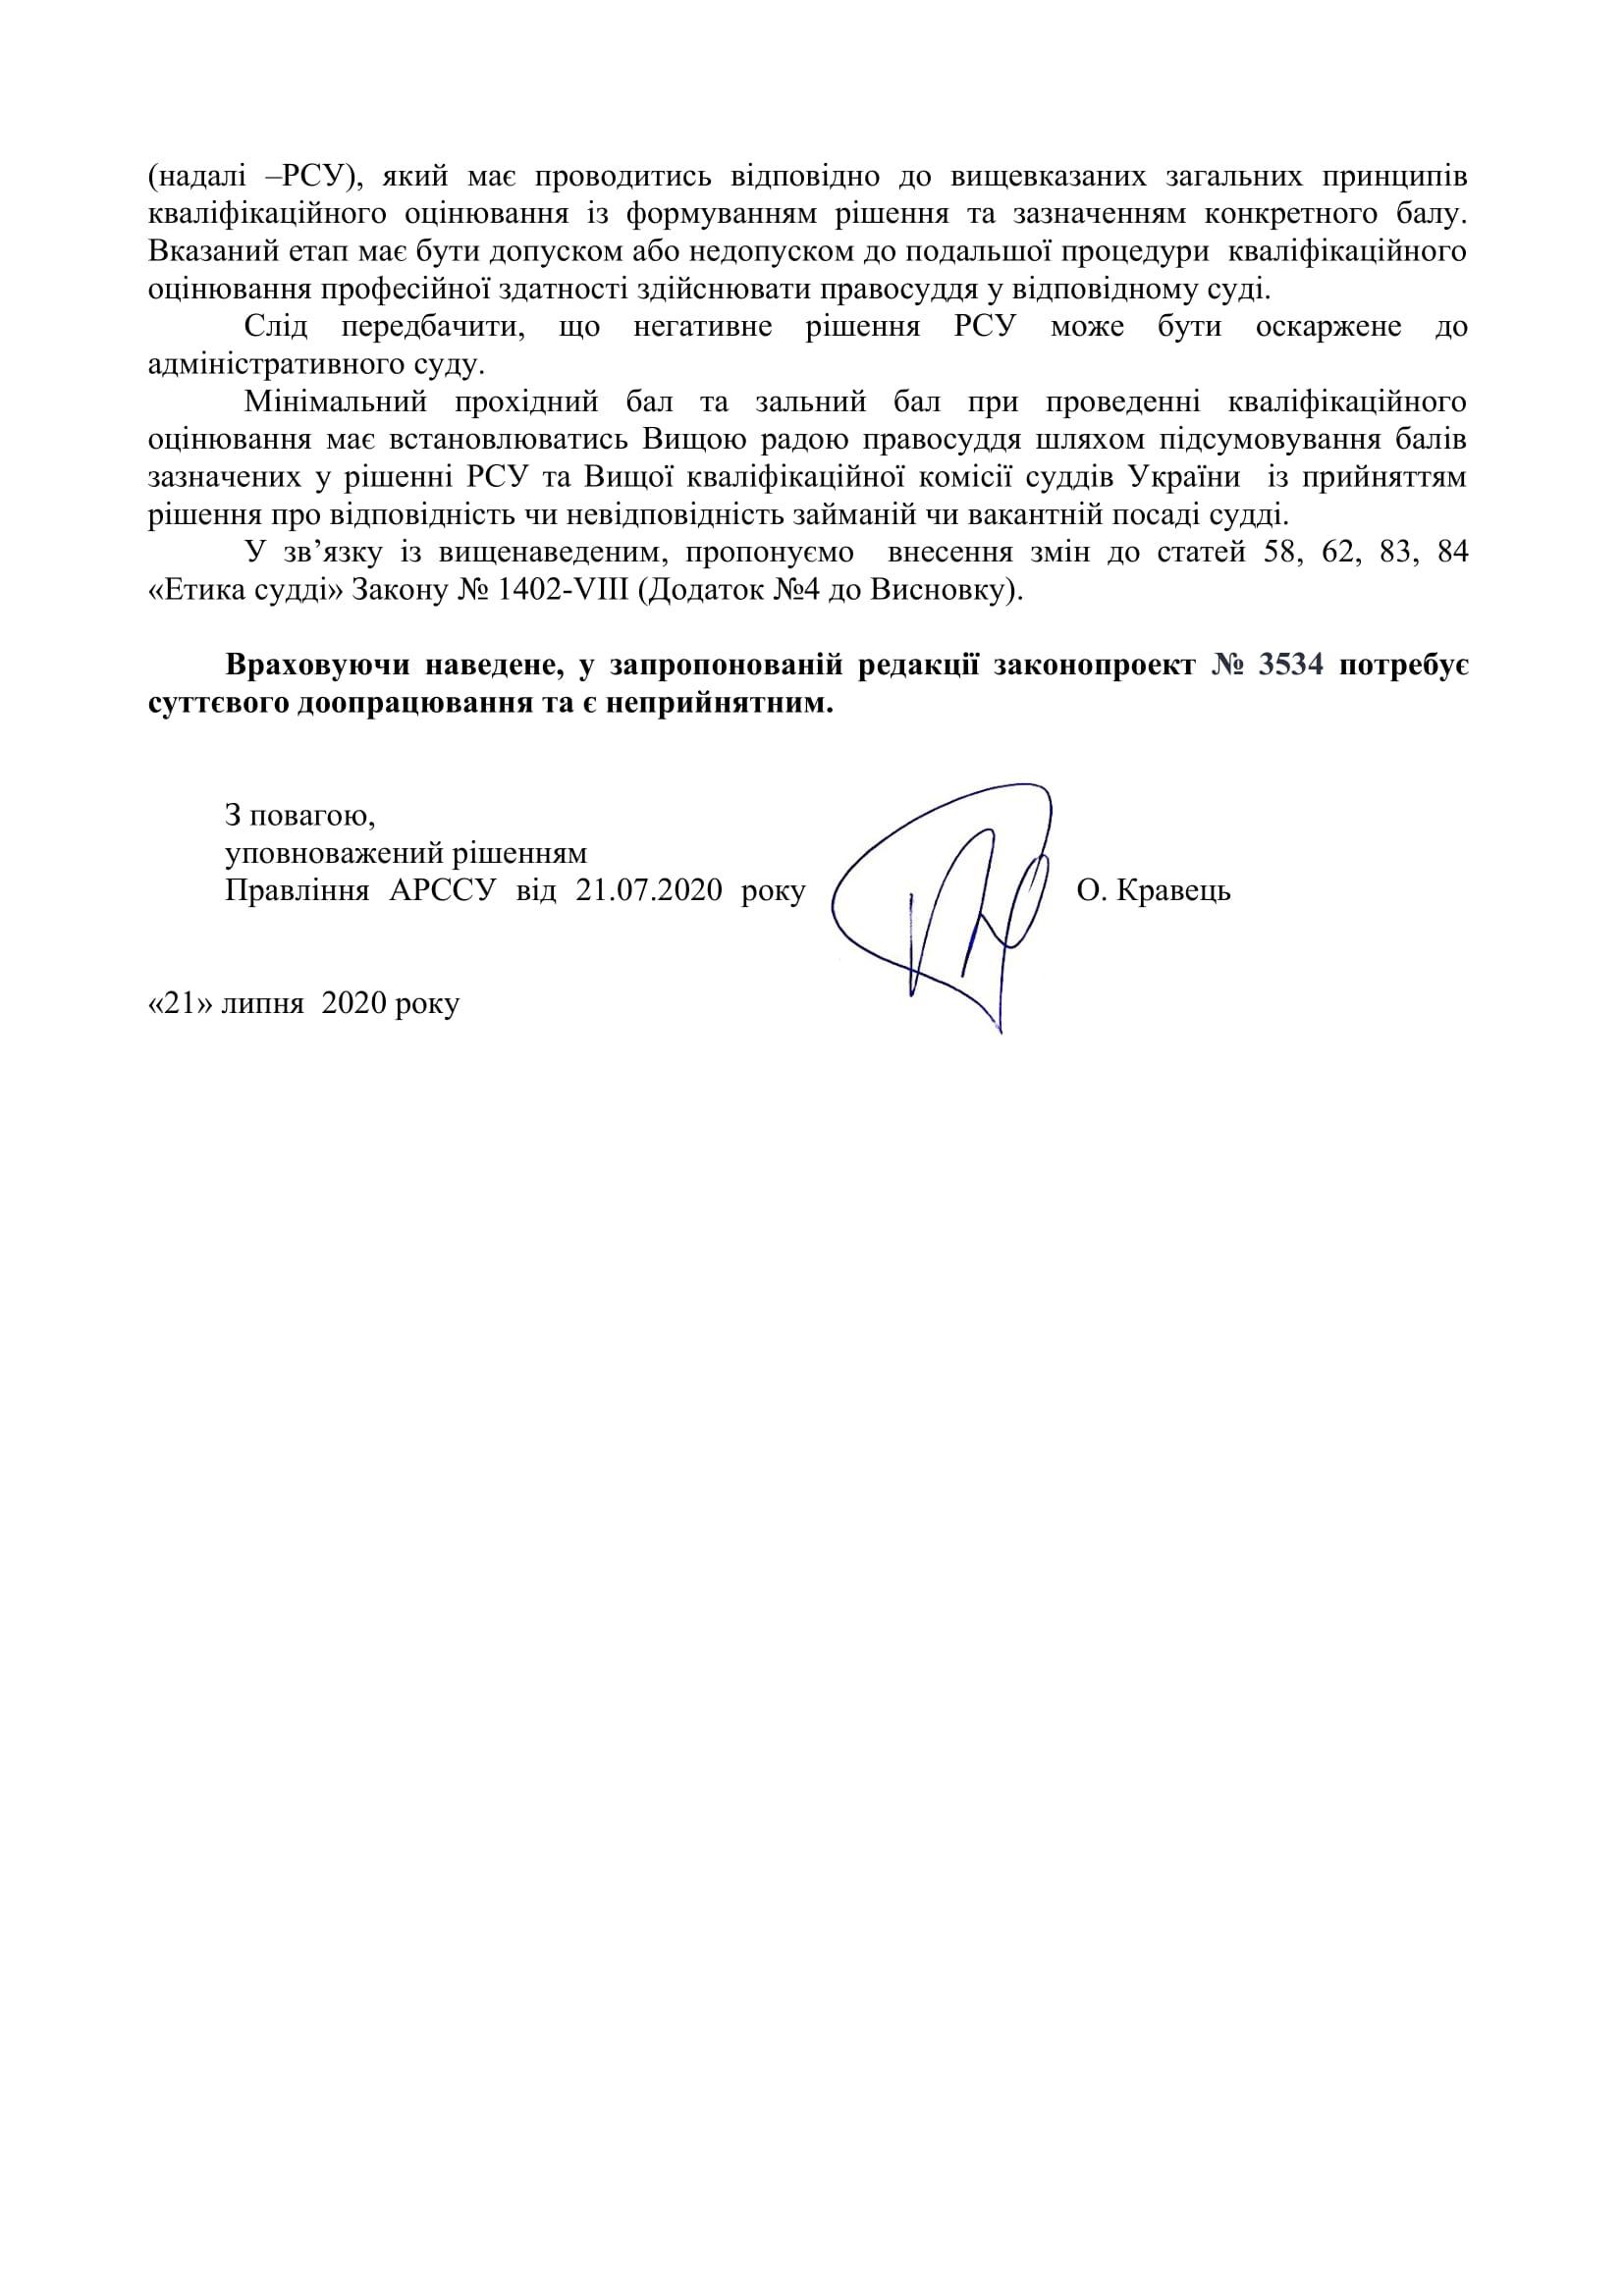 Висновок-АРССУ-щодо-№ 3534-21.07.2020-04